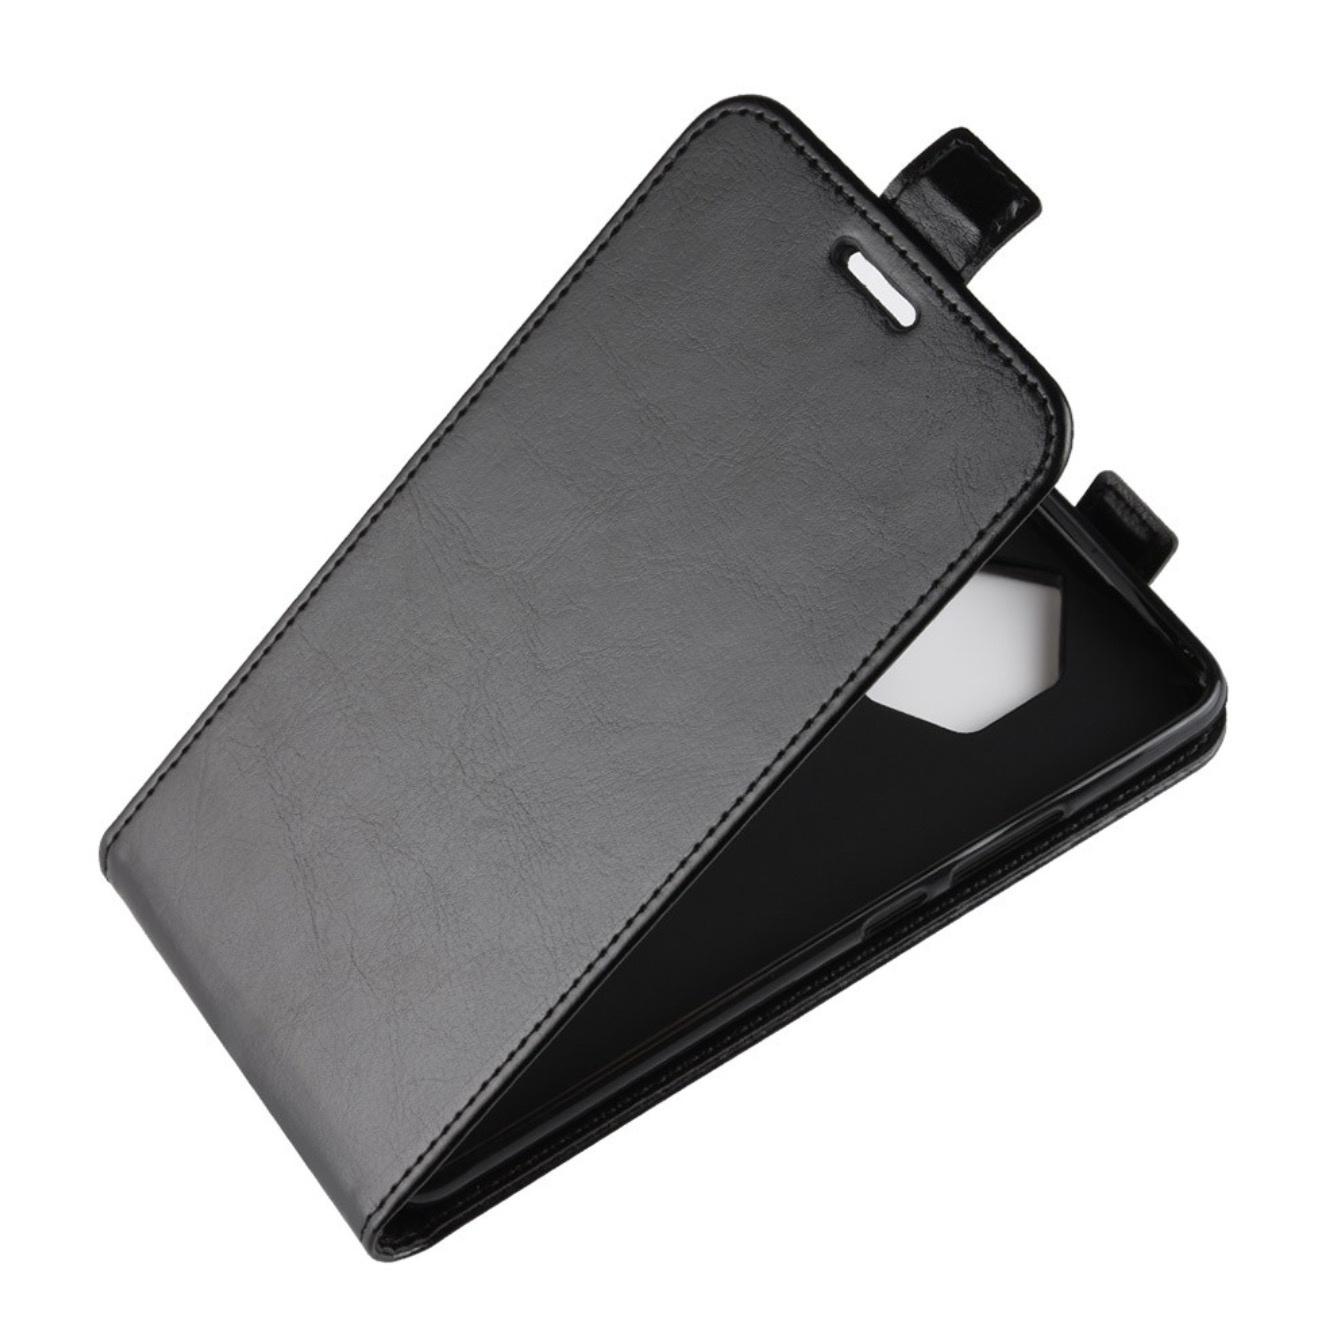 цены на Чехол-флип MyPads для Samsung Galaxy J3 (2016) SM-J320F/DS/J320H/DS 5.0 вертикальный откидной черный  в интернет-магазинах